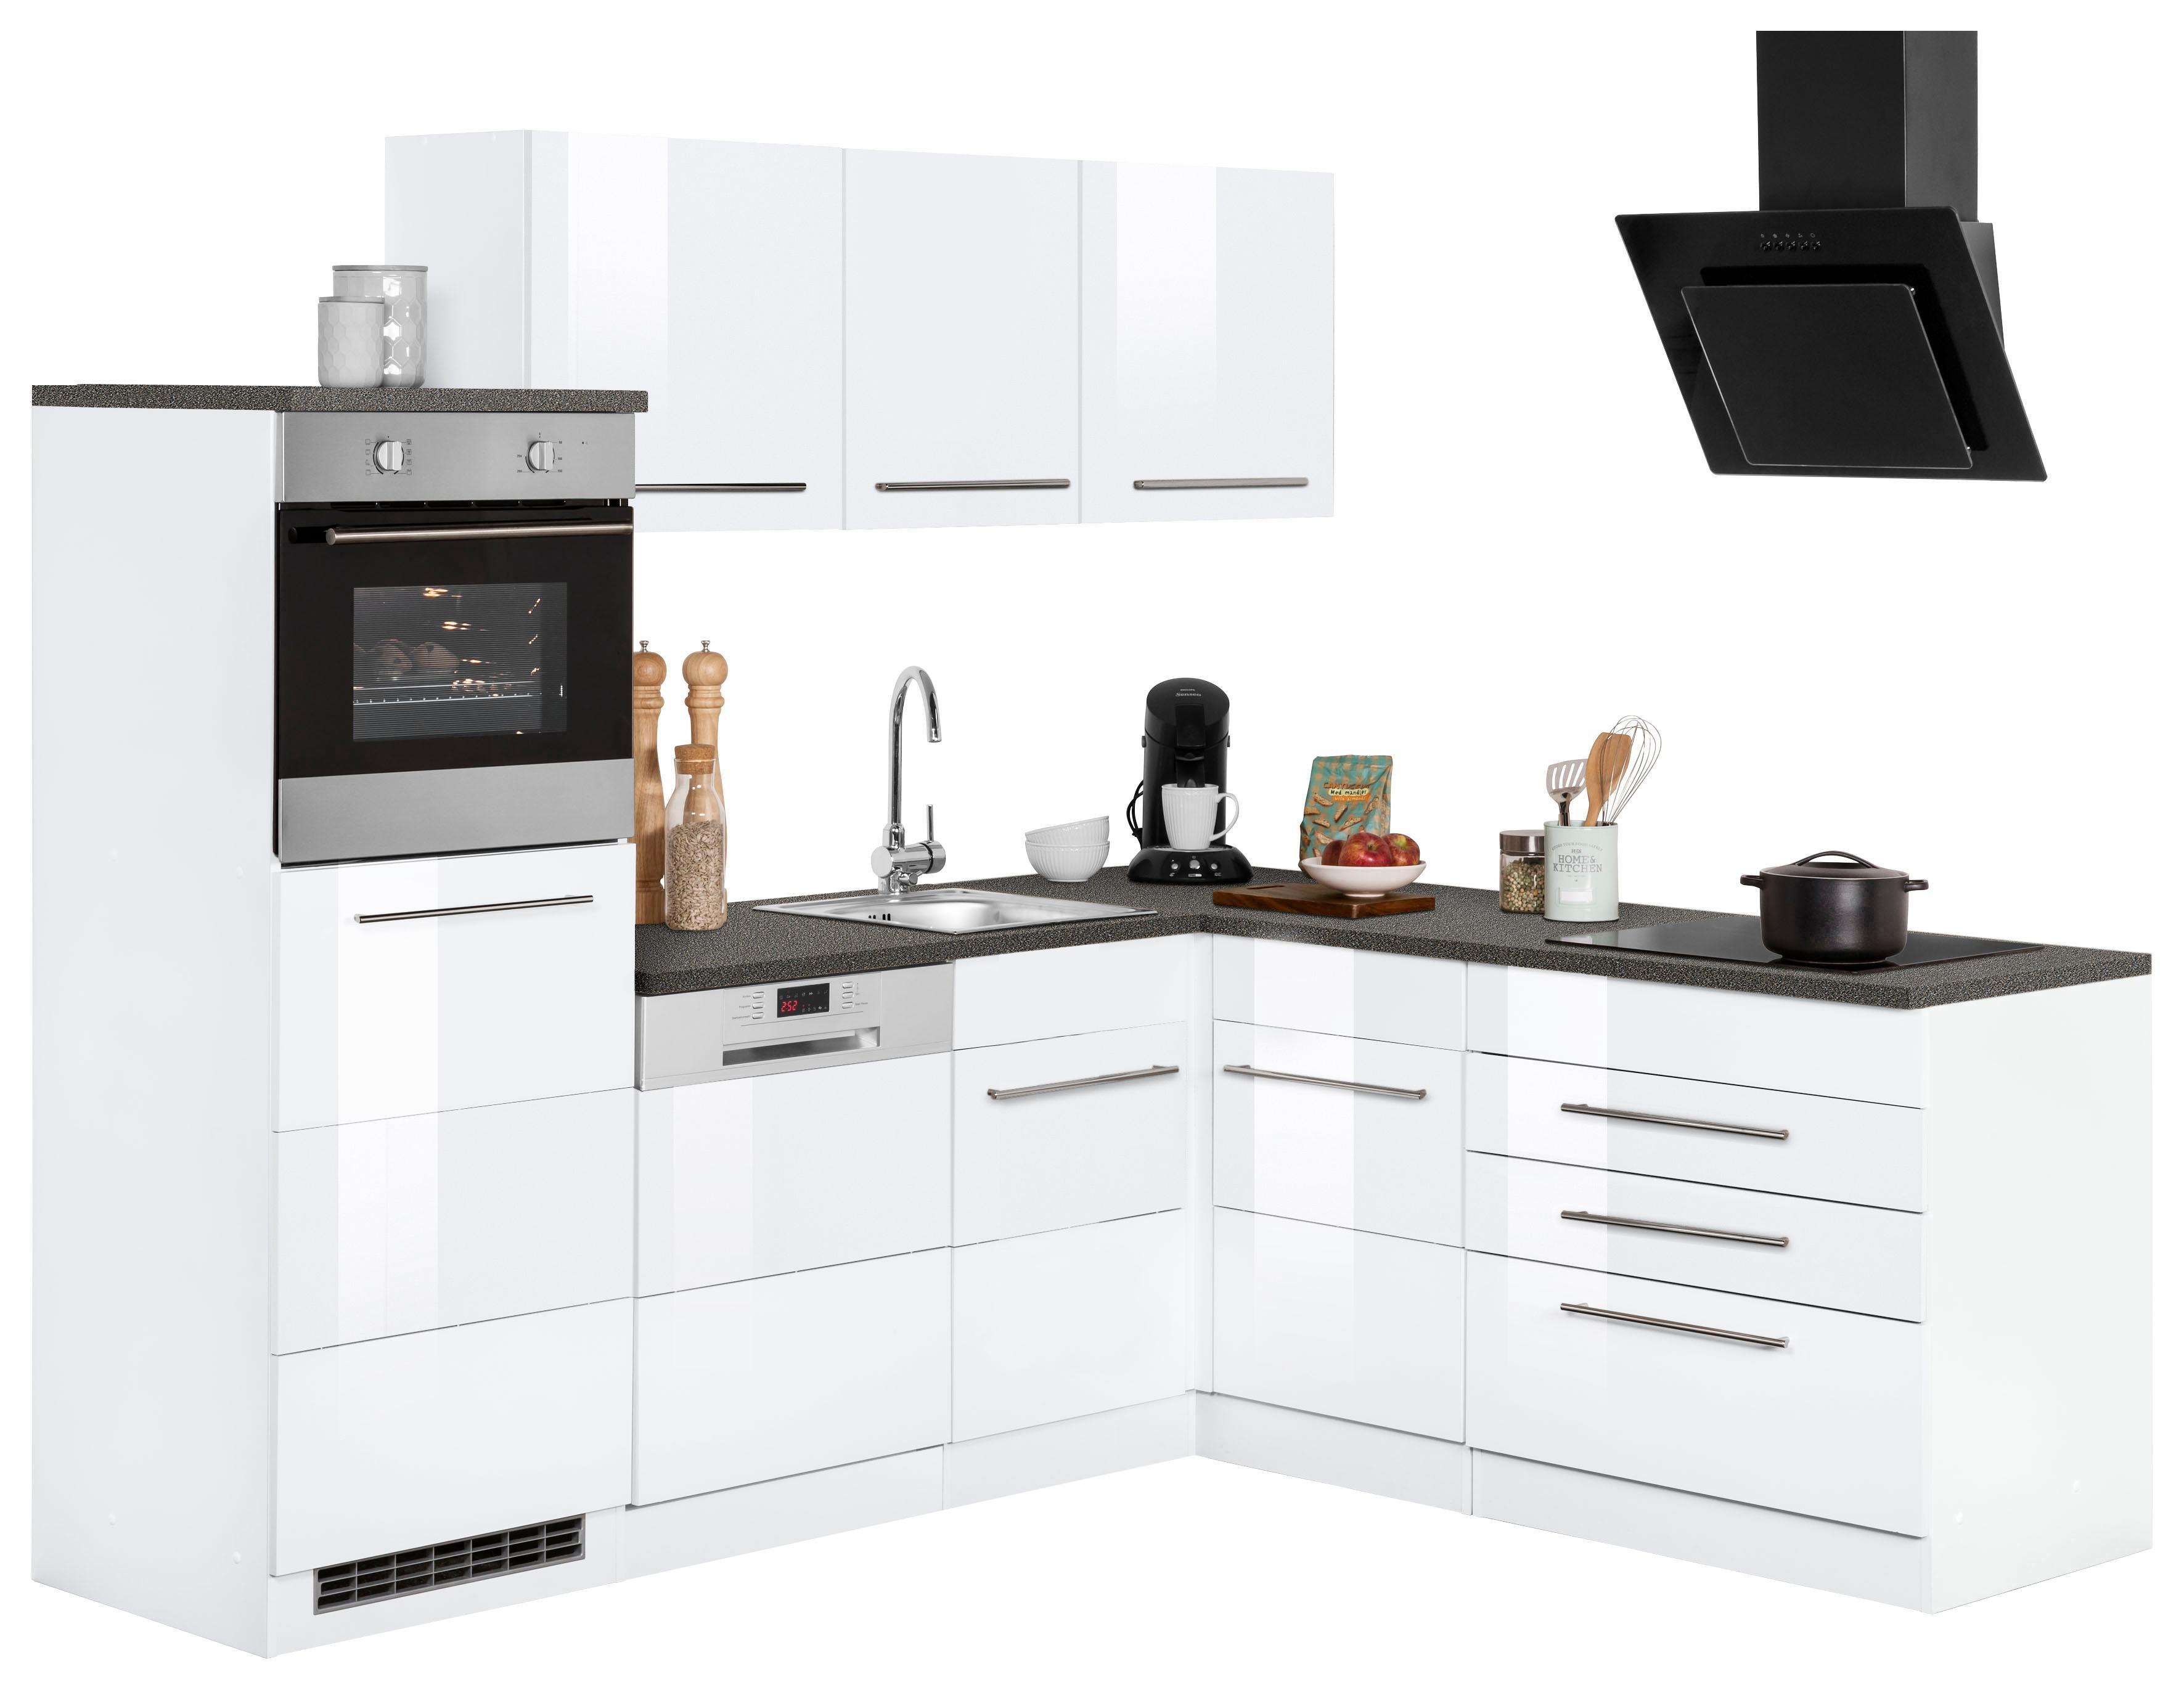 Winkelküche Trient mit E-Geräten Stellbreite 230 x 190 cm